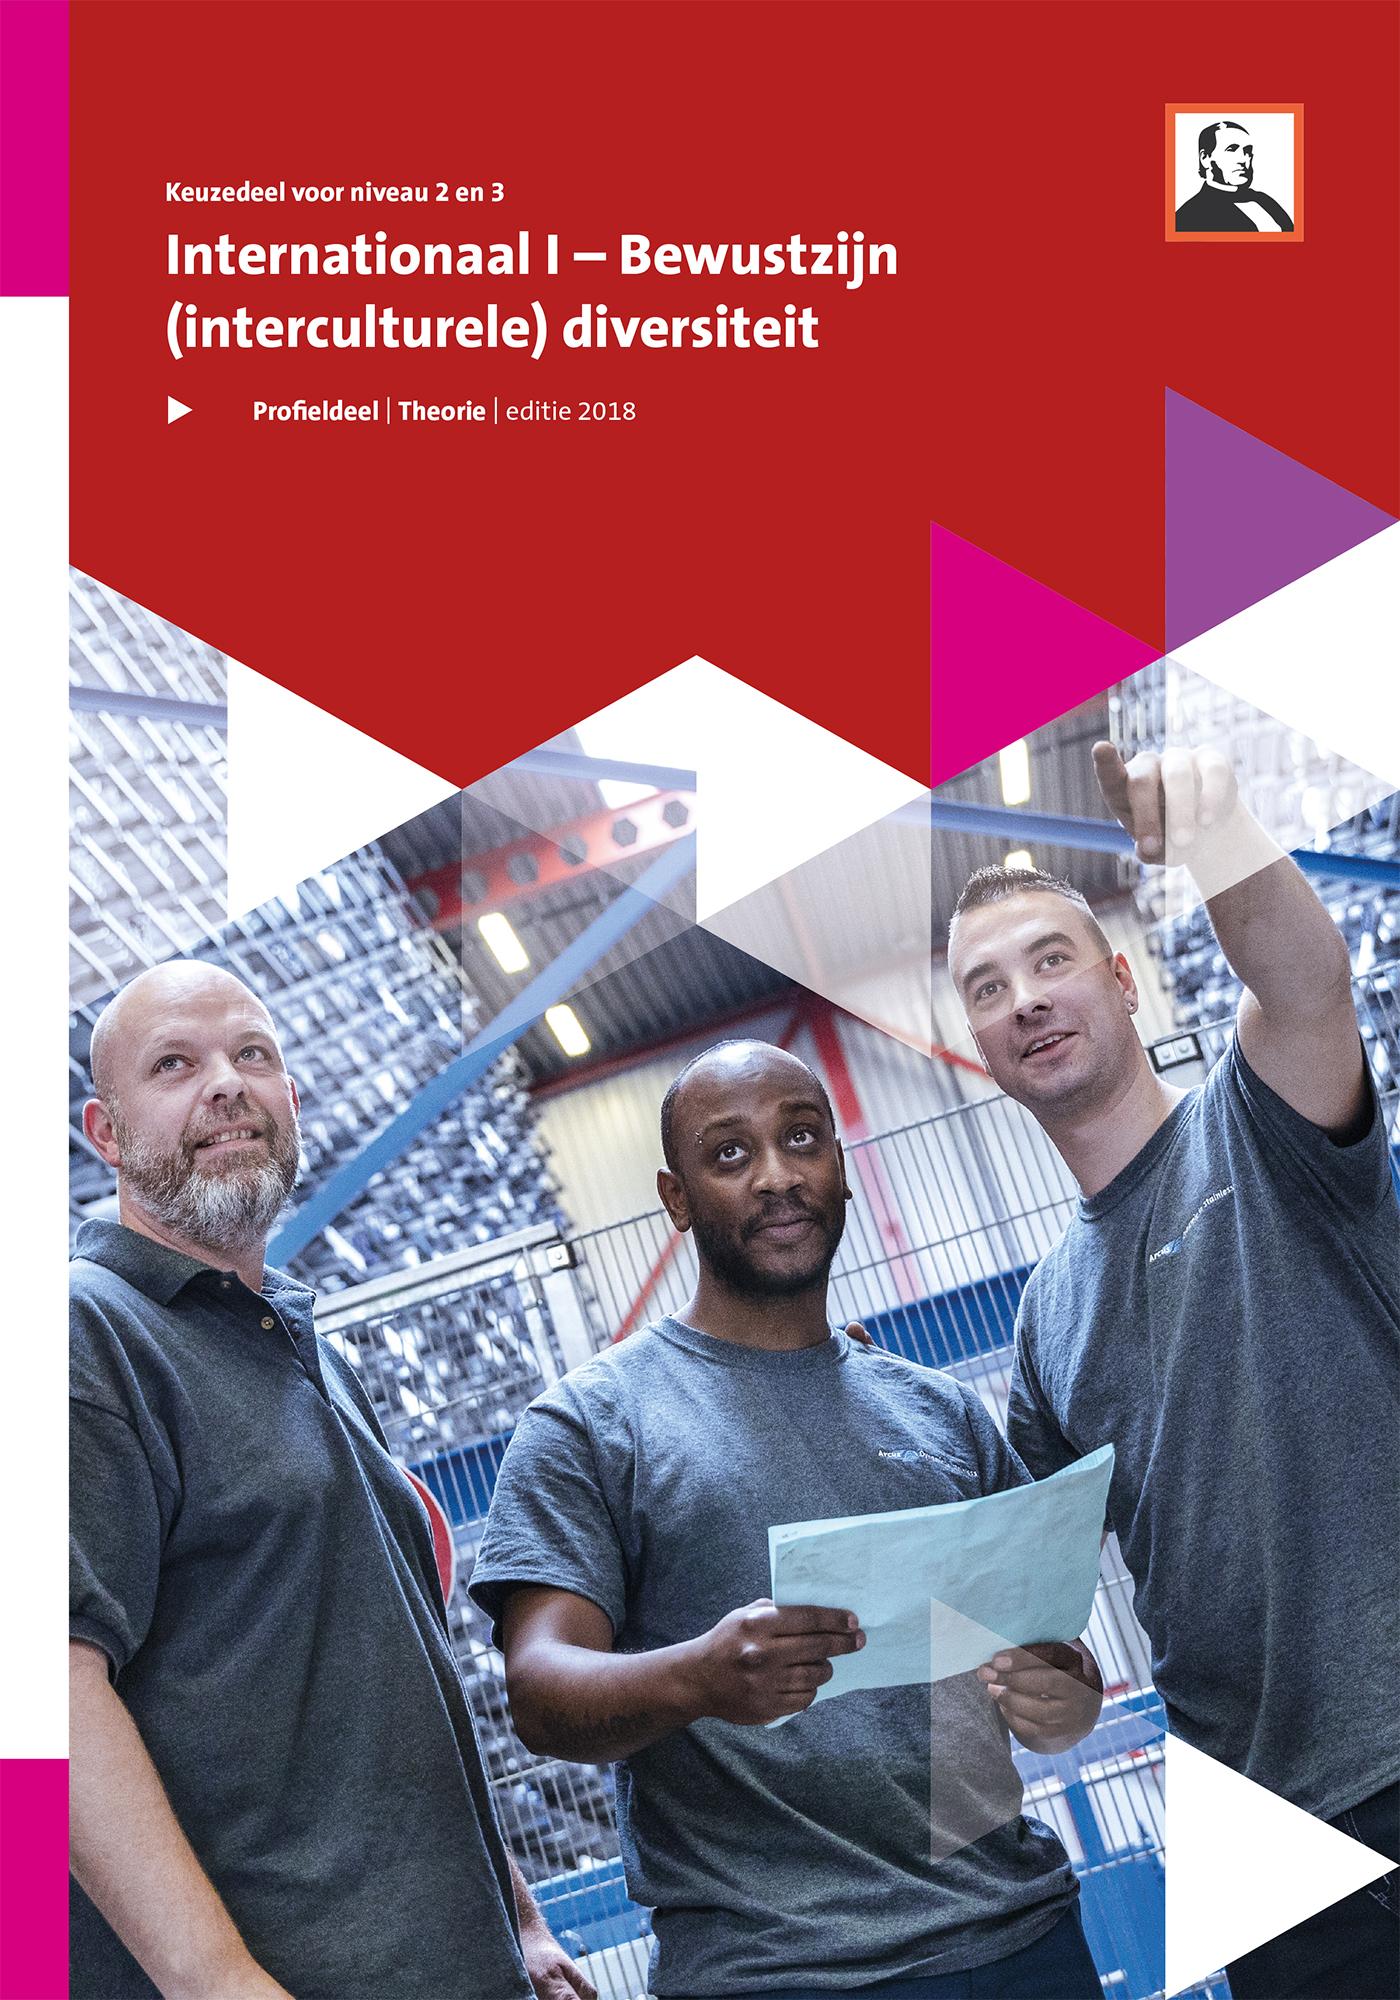 Afbeelding van Internationaal I: Bewustzijn (interculturele) diversiteit (niveau 2 en 3) (A4)